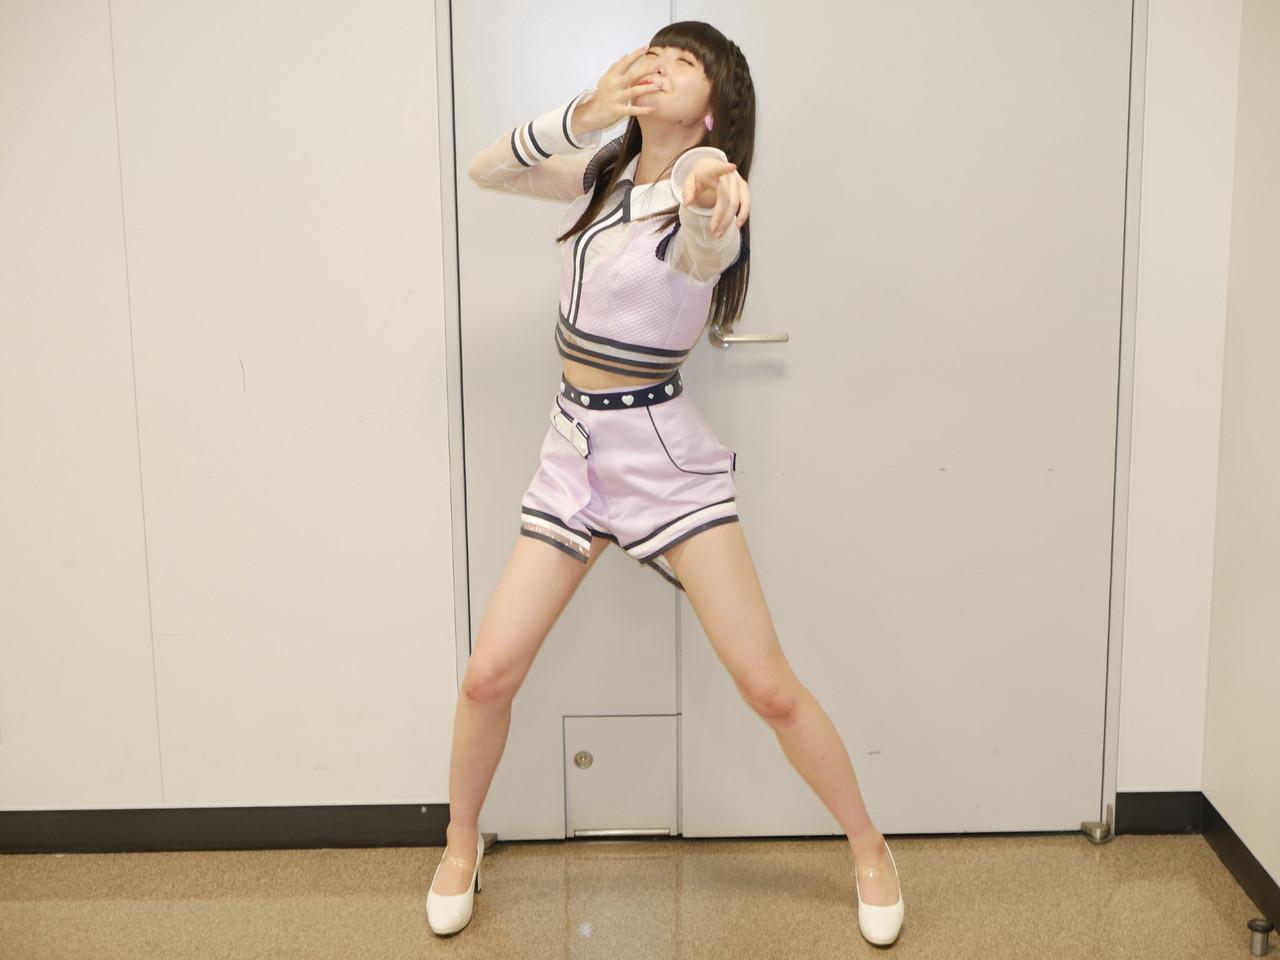 【悲報】荻野由佳さん、余裕のポーズ